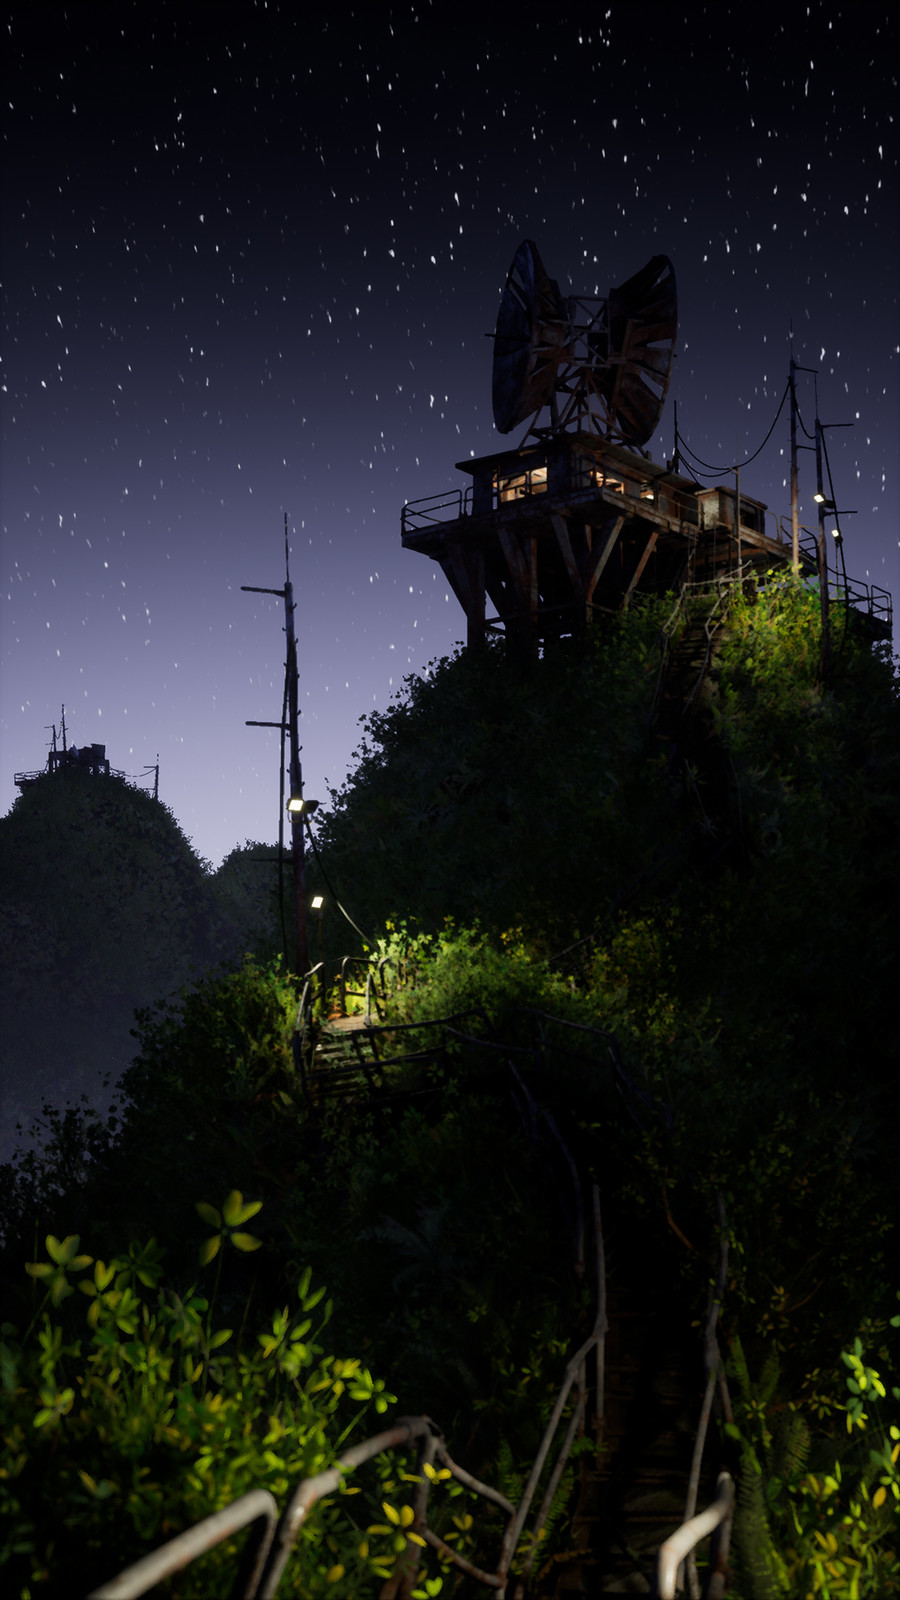 Stairway - Night